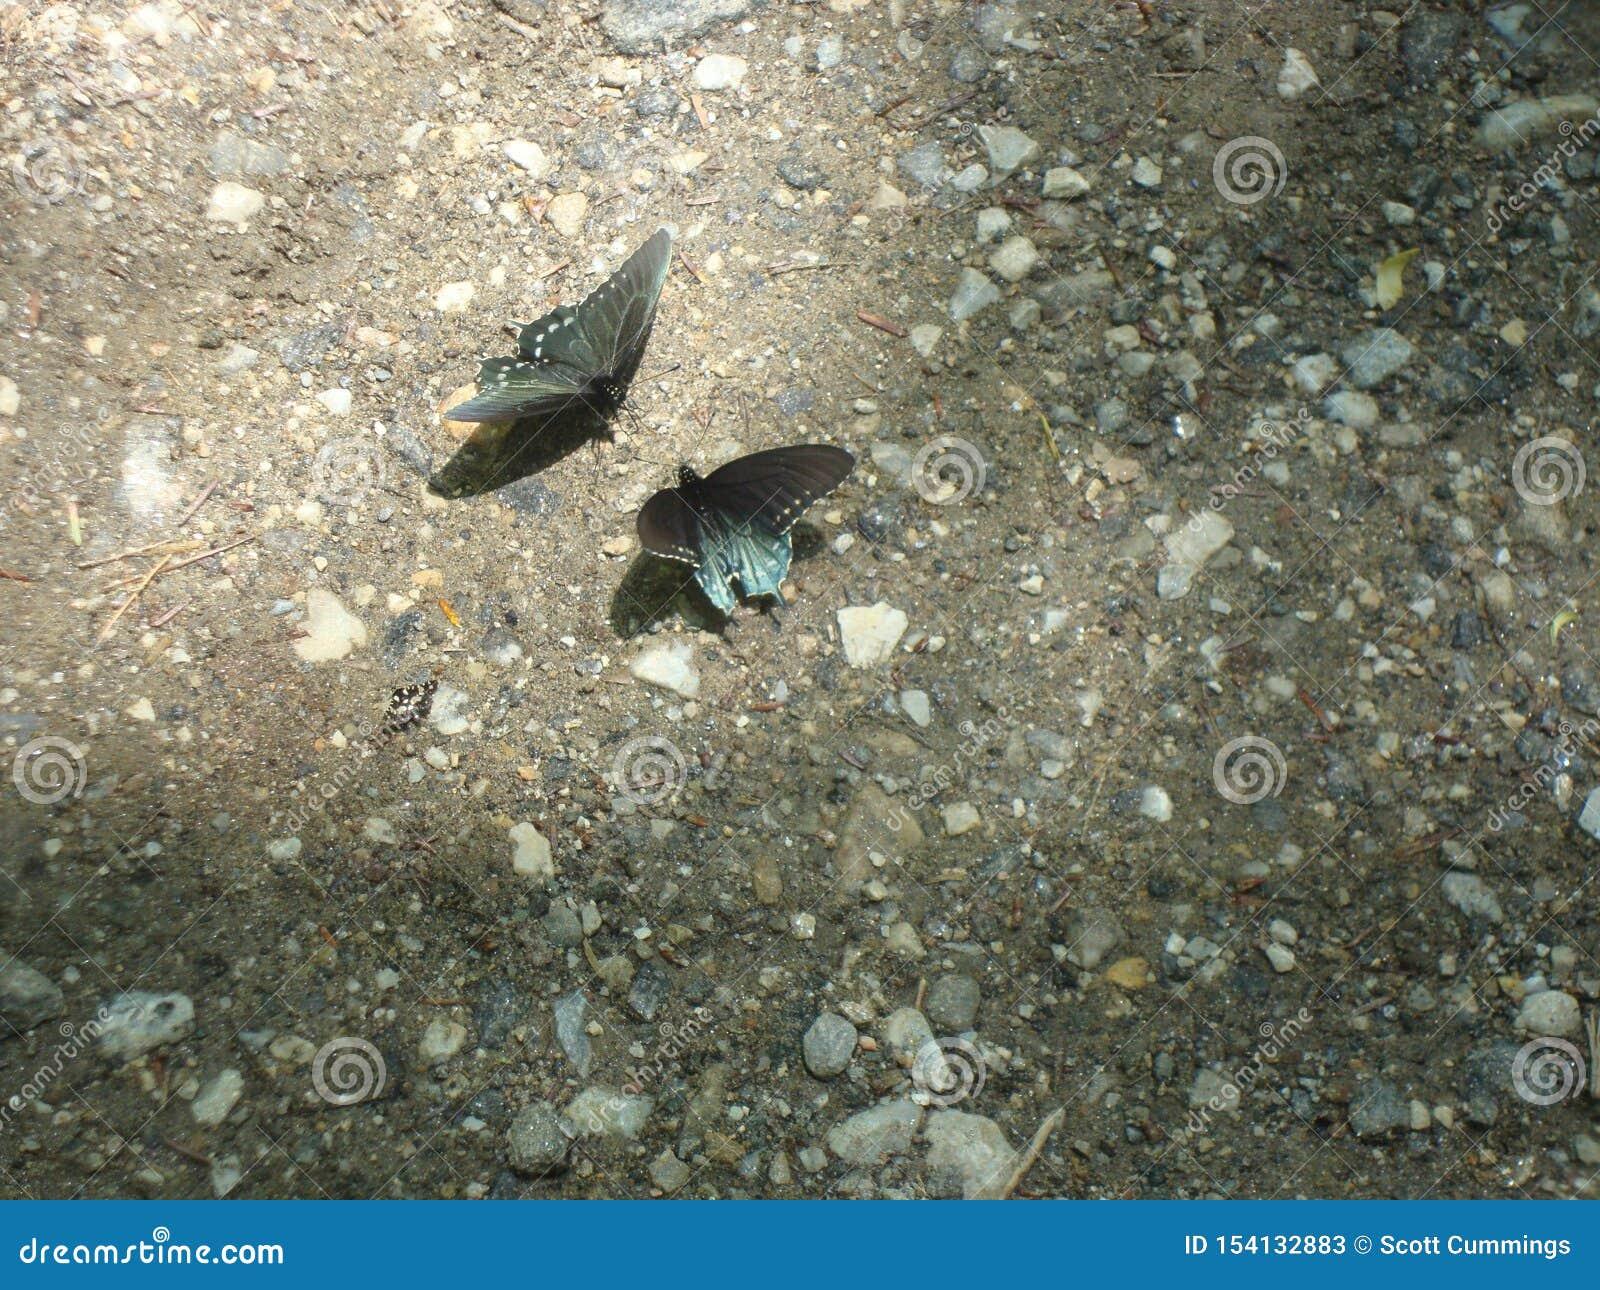 Άνοιξη στη βόρεια Καρολίνα Smokies: Πρόσωπο δύο πεταλούδων Pipevine Swallowtail μακριά σε ένα ίχνος